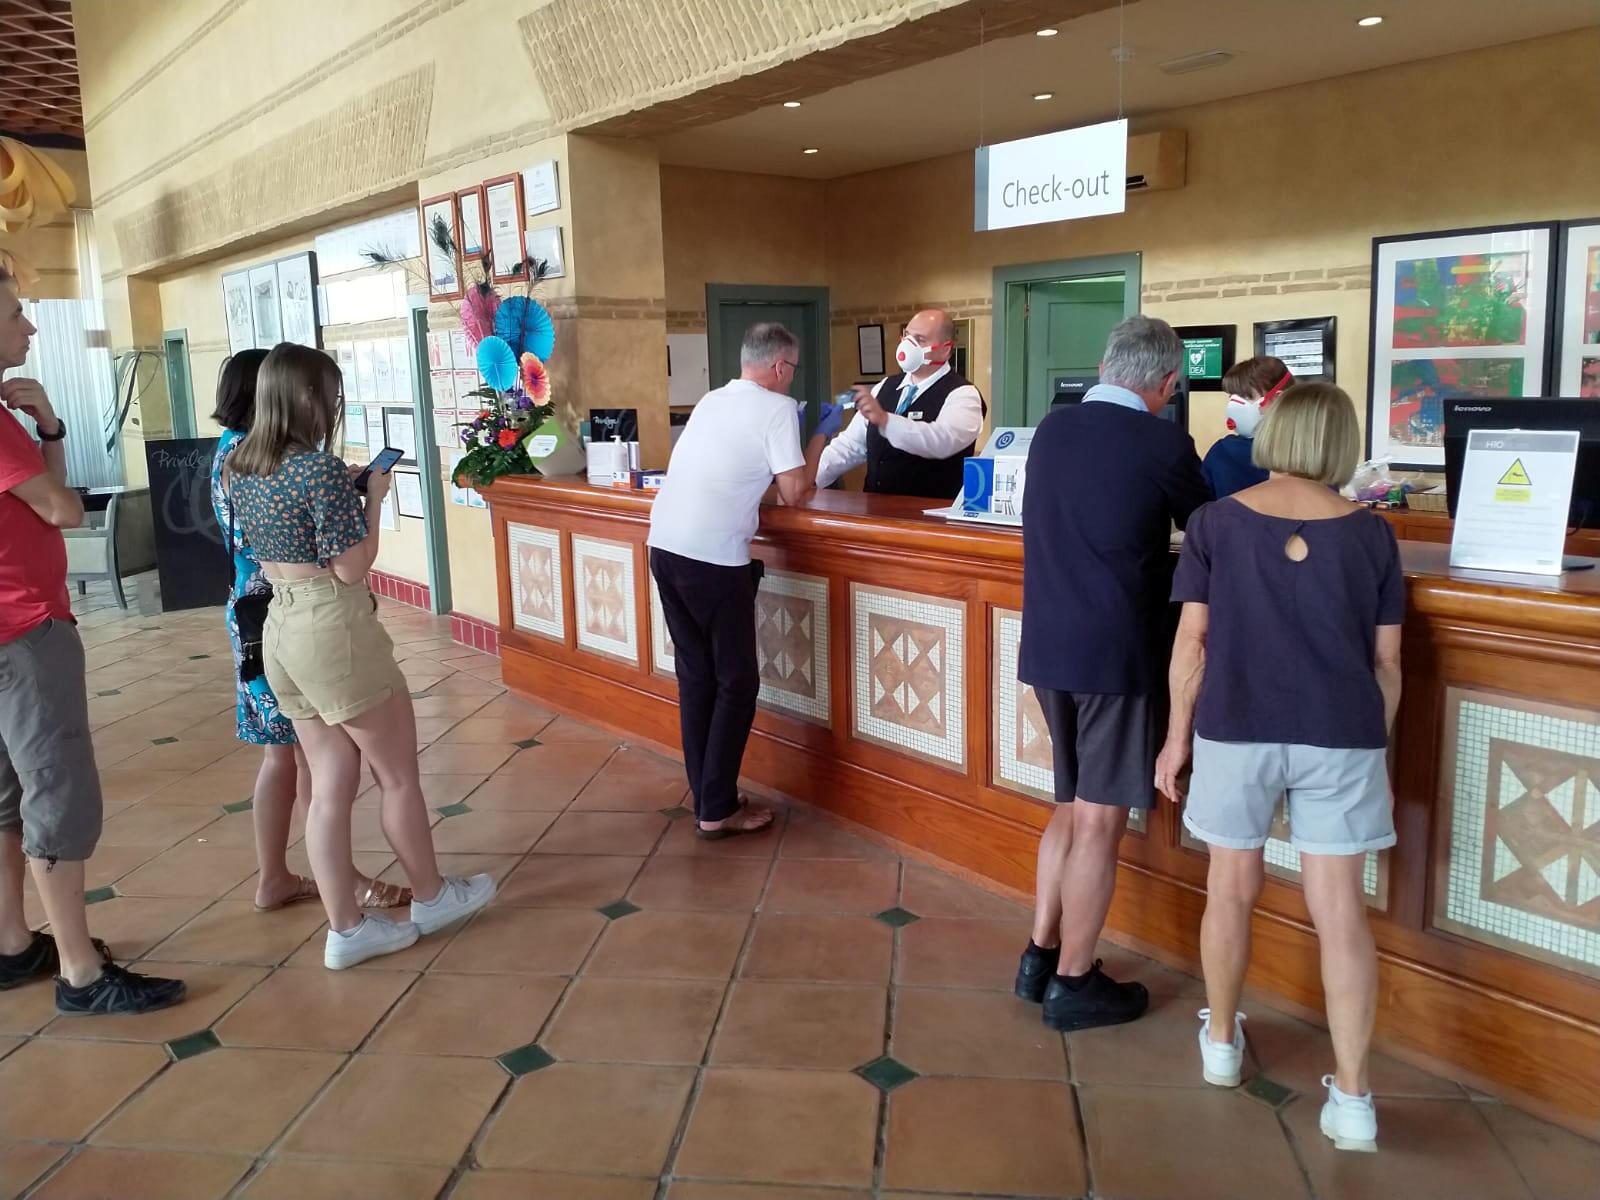 Отель H10 Costa Adeje Palace, где 25 февраля из-за коронавируса изолировали сотни туристов.